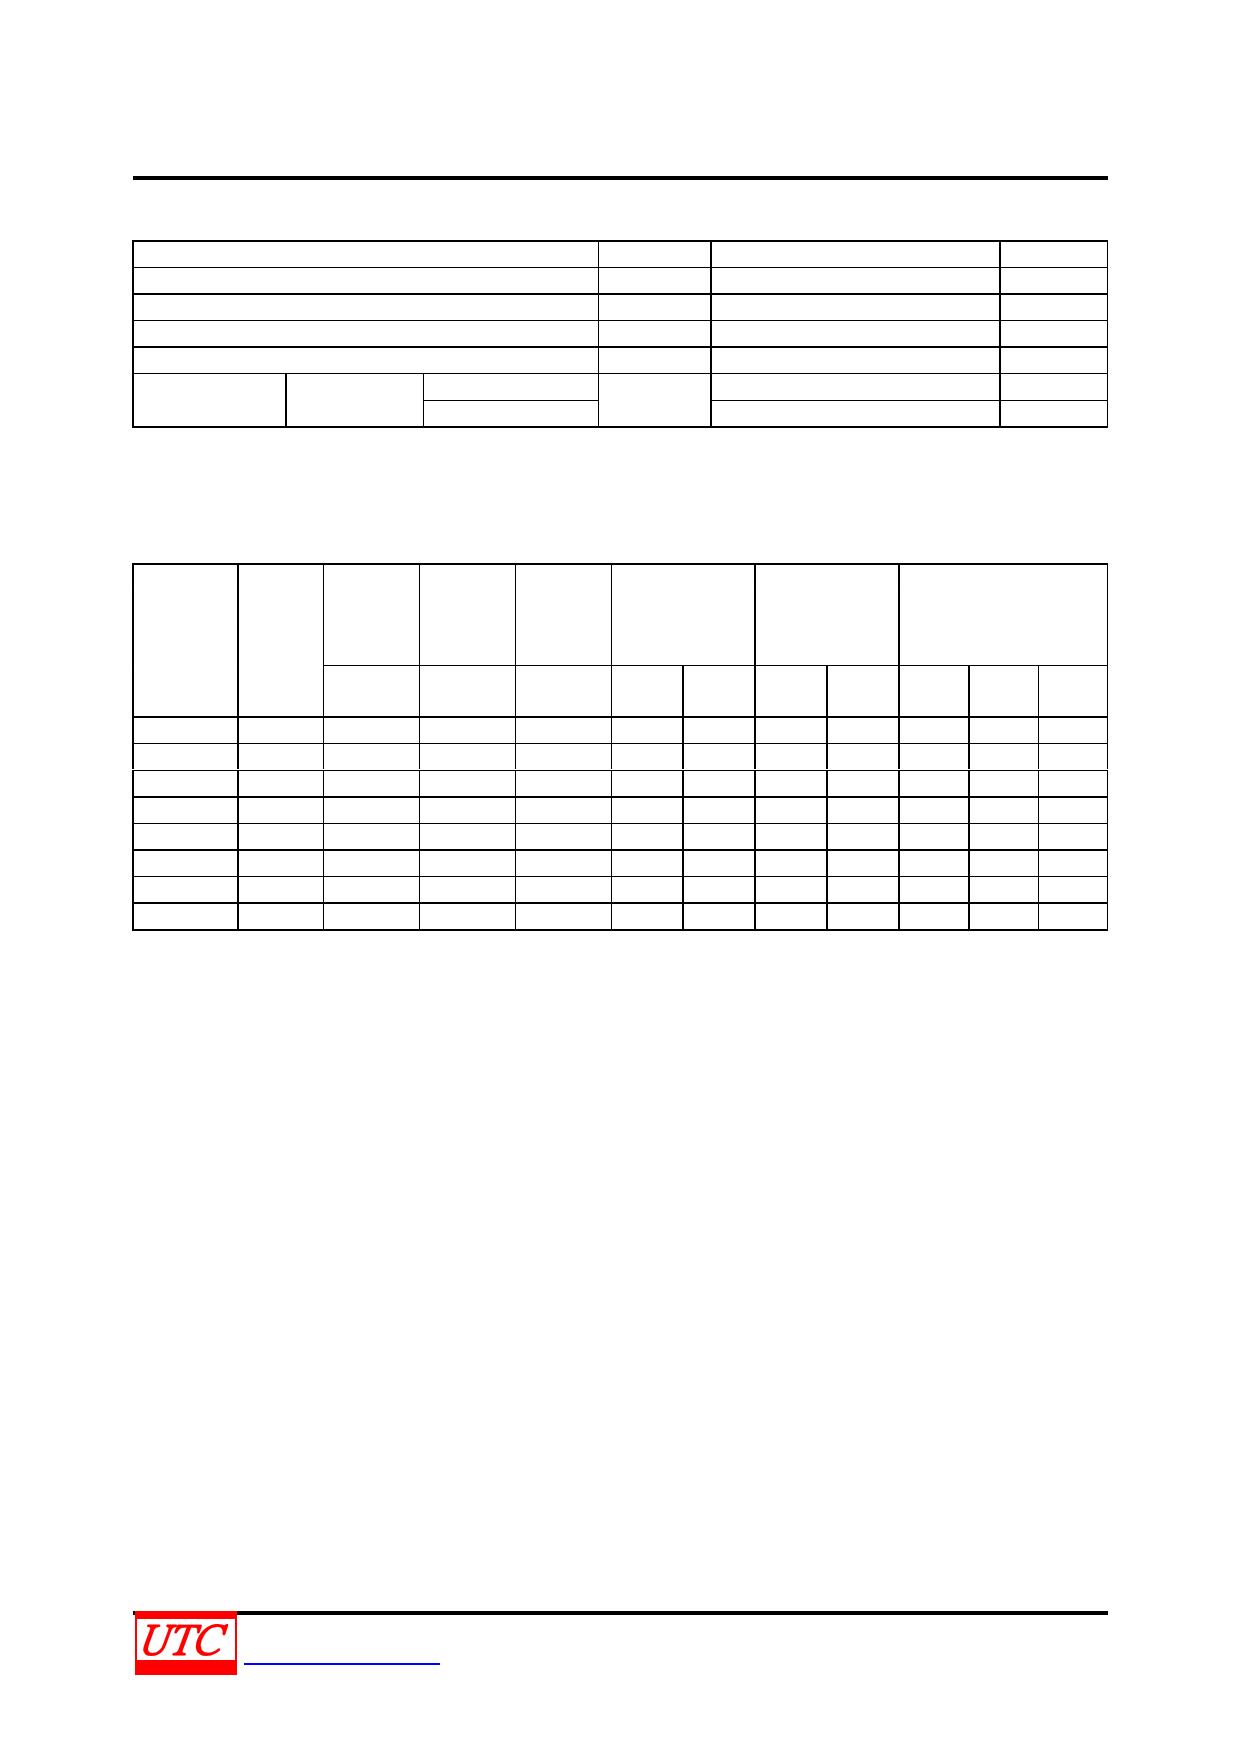 SMA24V pdf, schematic